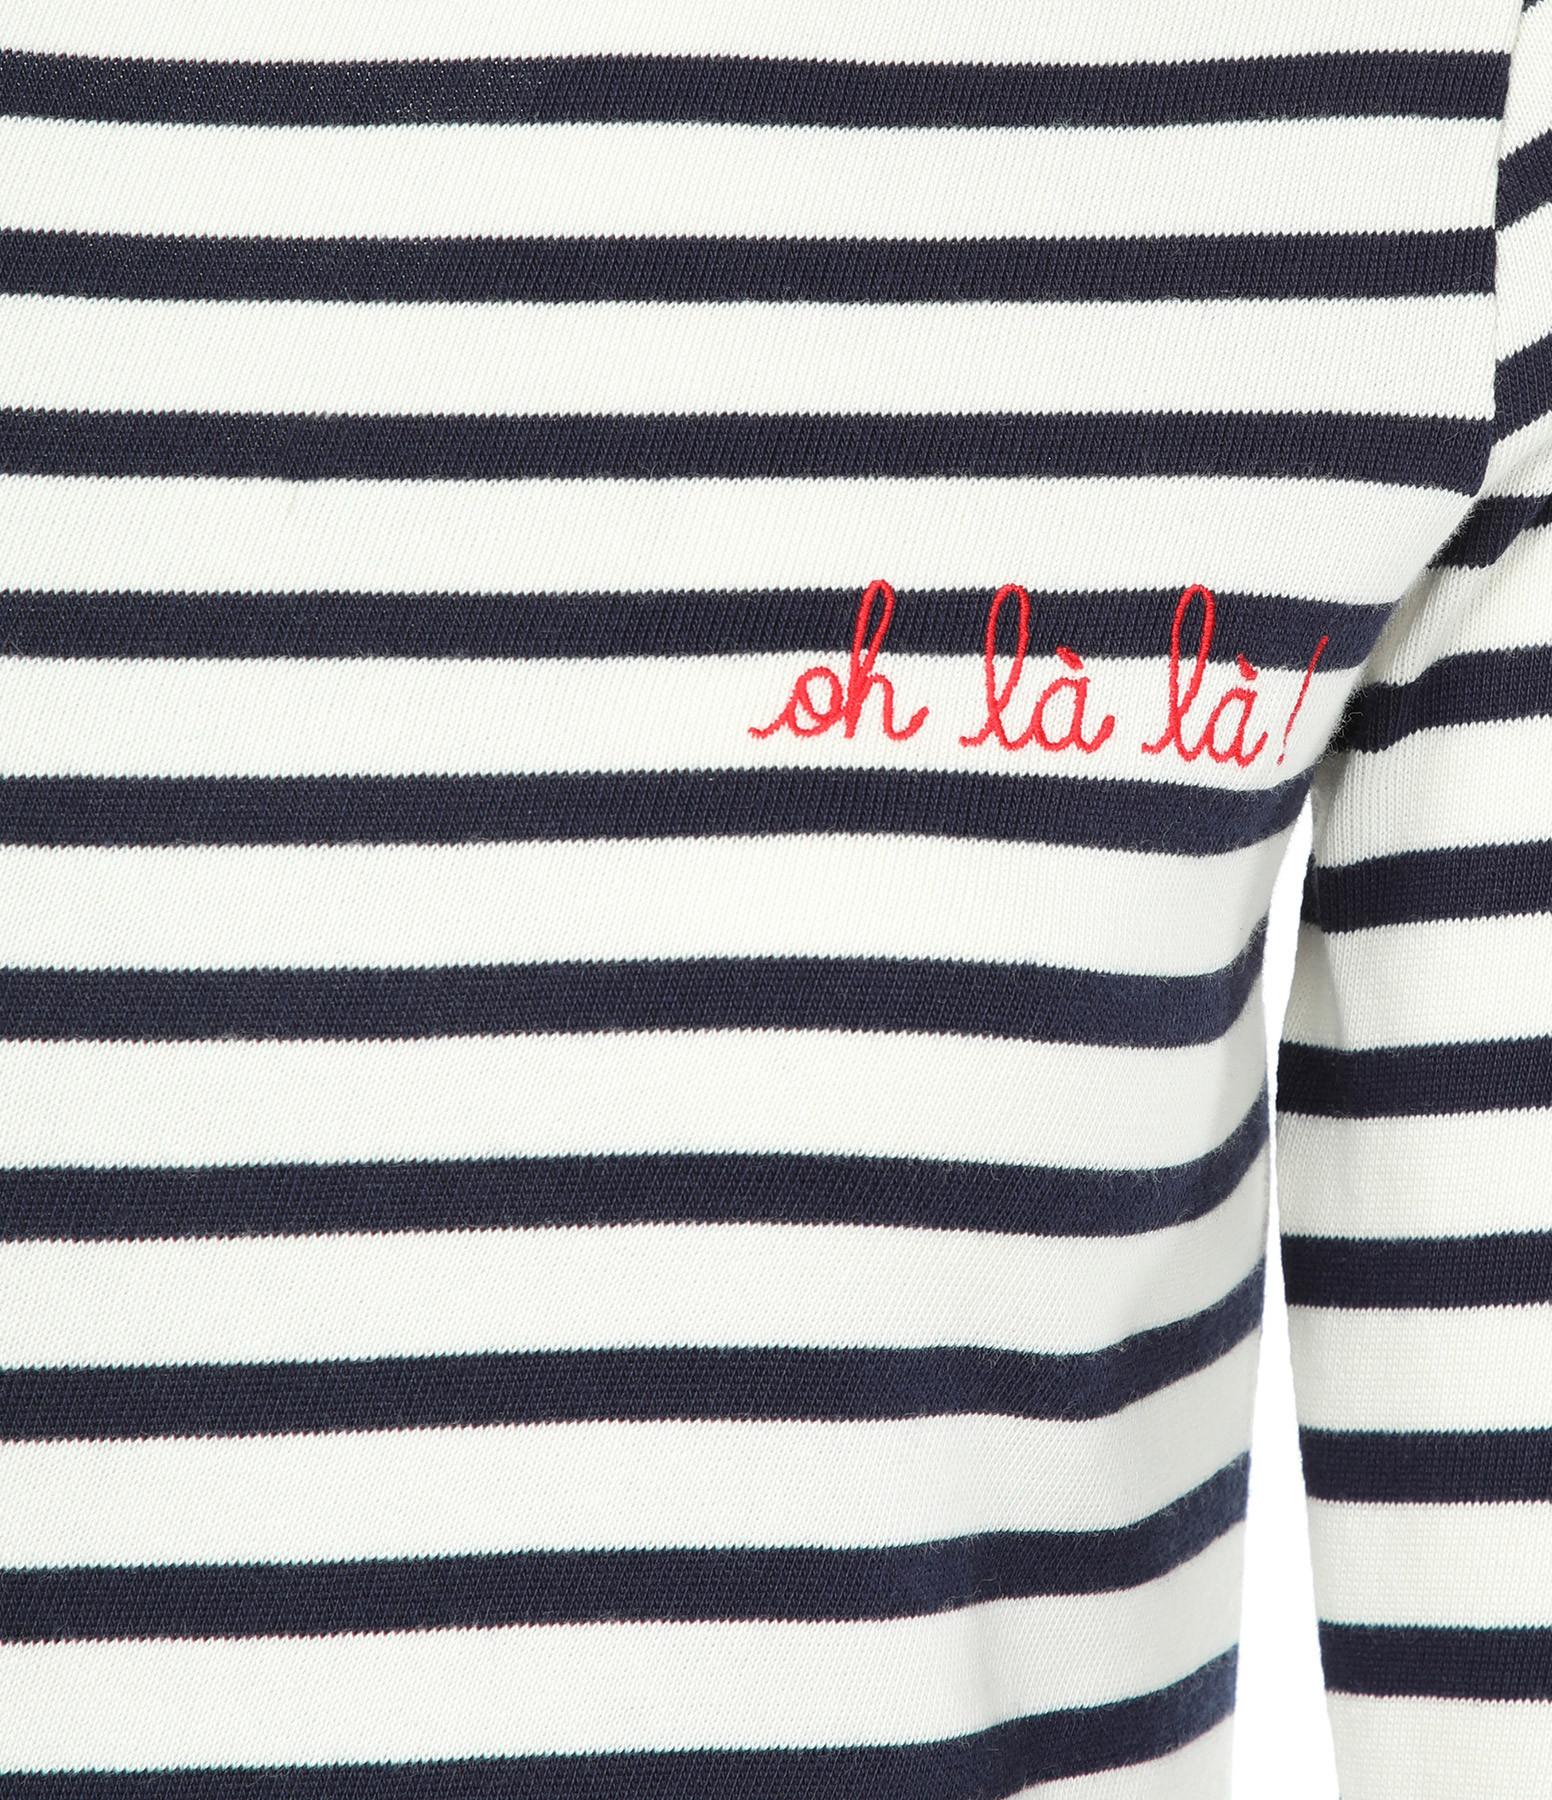 MAISON LABICHE - Tee-shirt Sailor Oh La La ! Ivoire Navy Rouge